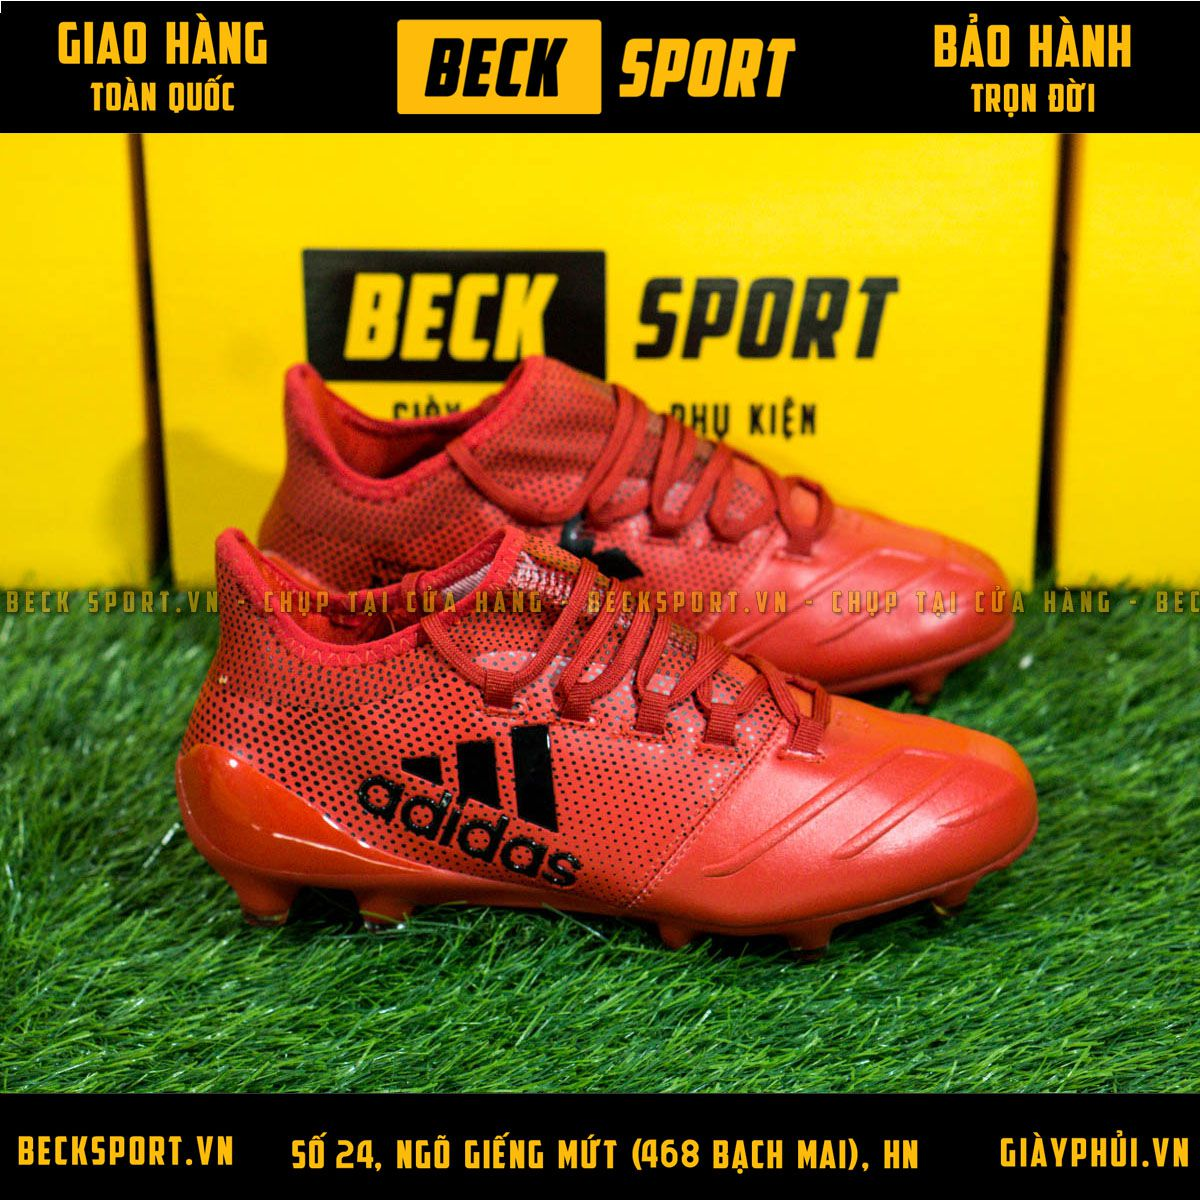 Giày Bóng Đá TQ Adidas X 17.1 Đỏ Chấm Bi Đen Da Thật FG